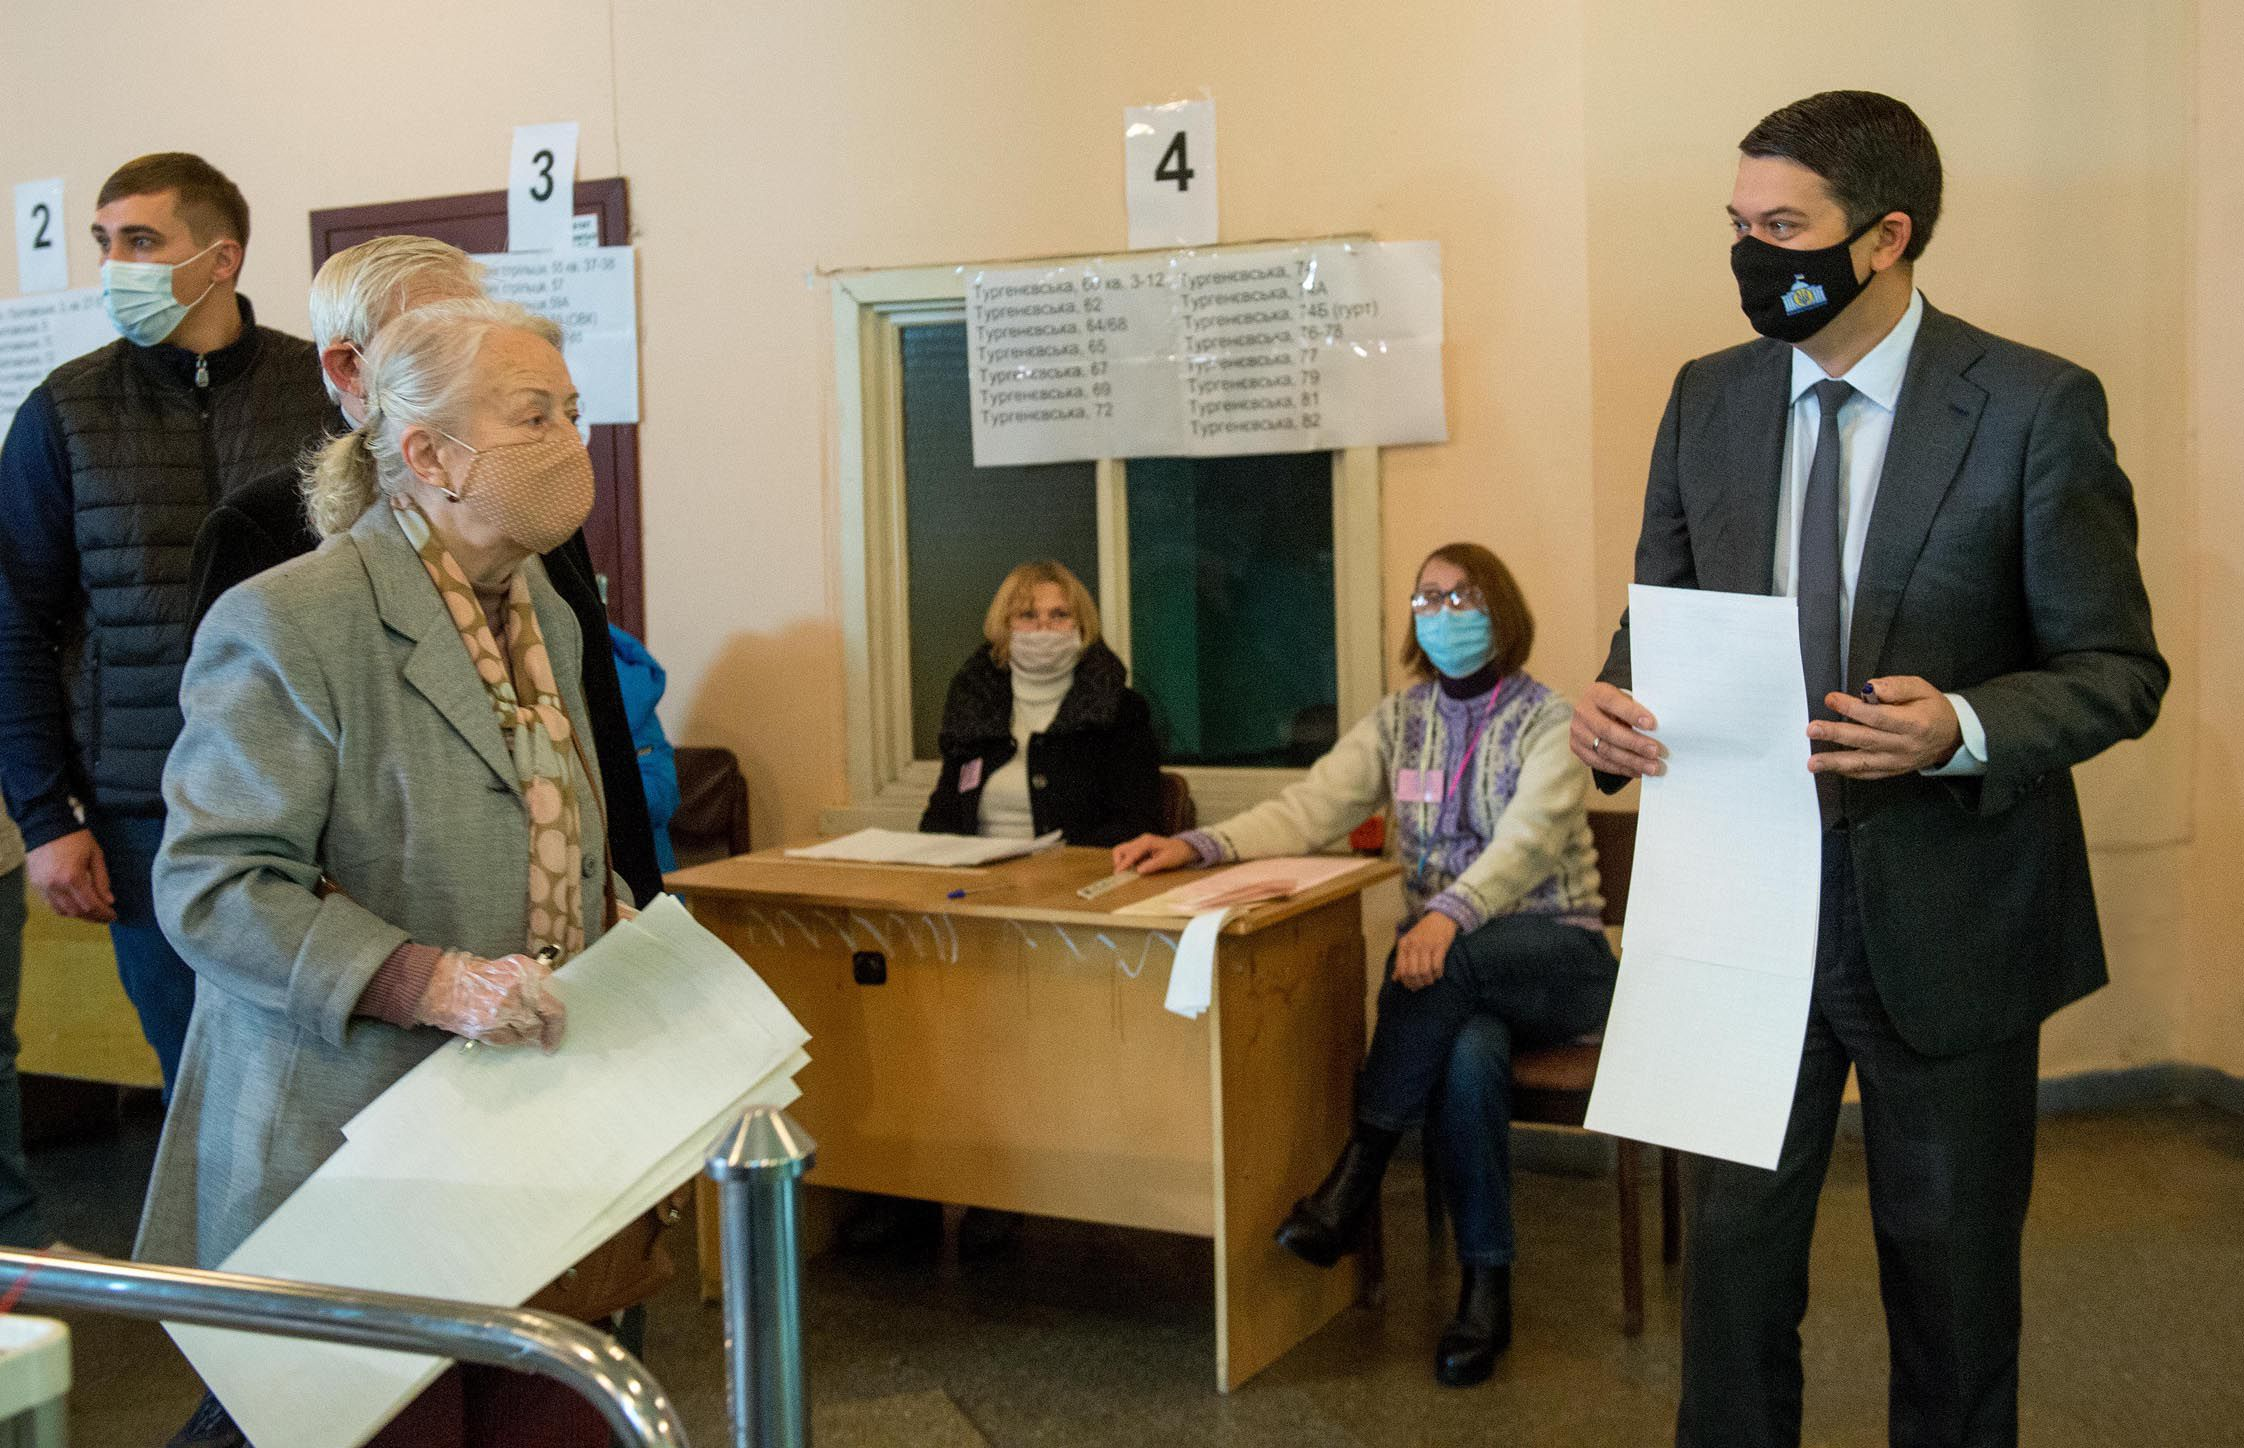 Дмитрий Разумков: «Важно, чтобы местная власть понимала,  что будет отвечать за свои поступки и обещания»